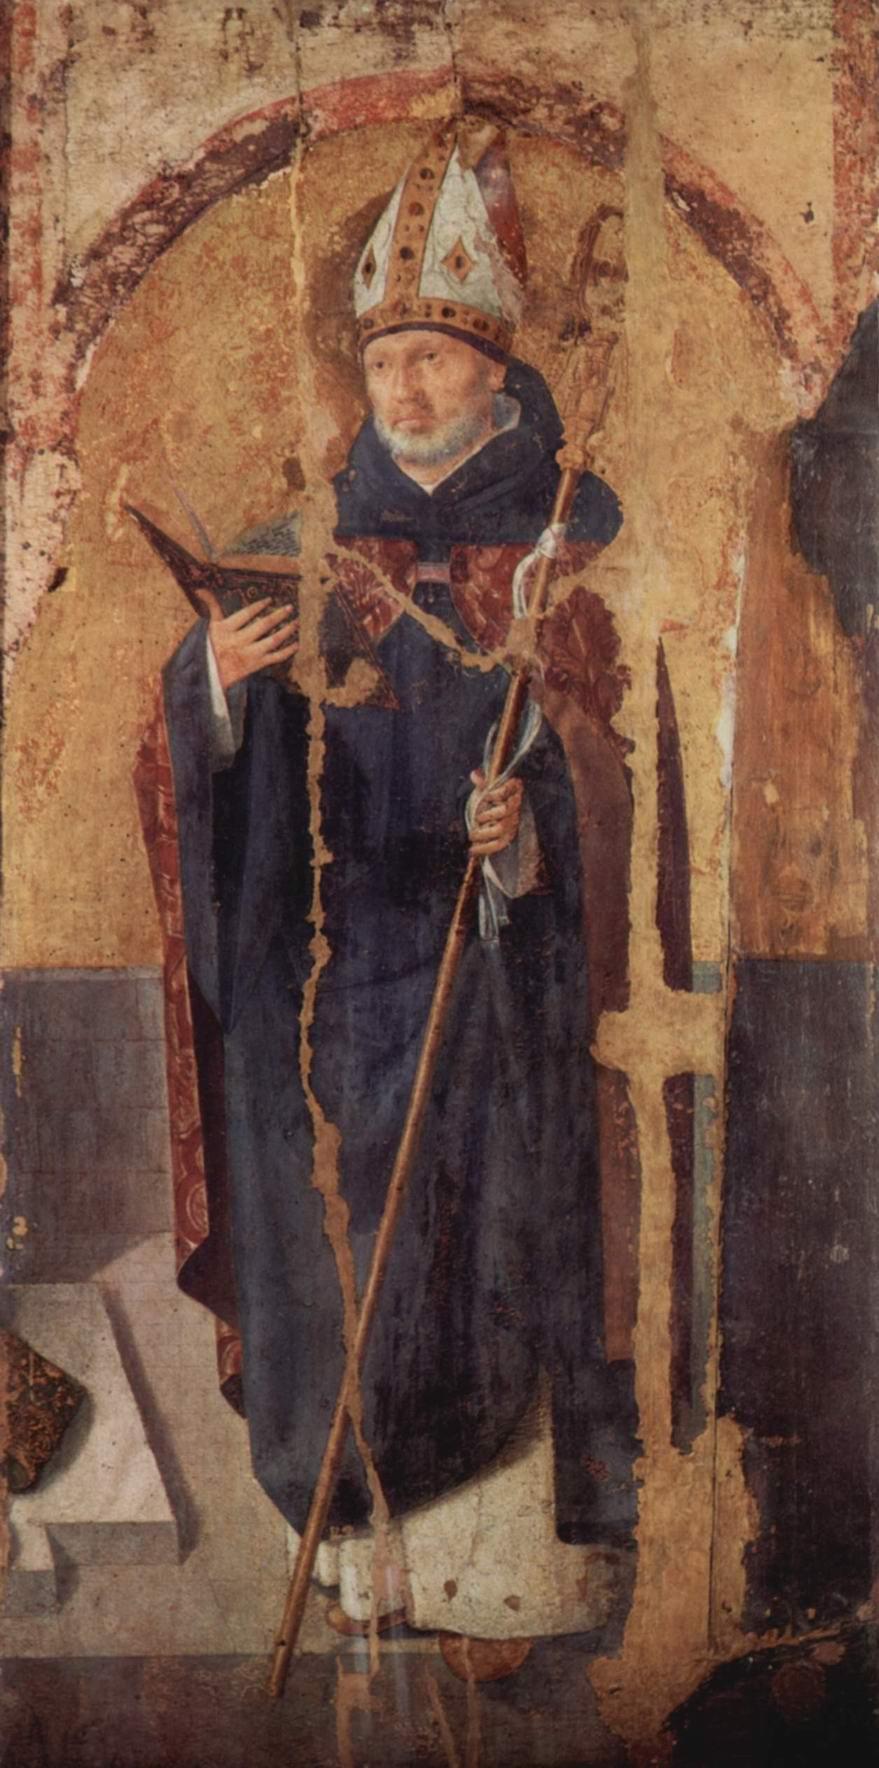 Полиптих св. Григория, правая доска, св. Бенедикт, Антонелло да Мессина